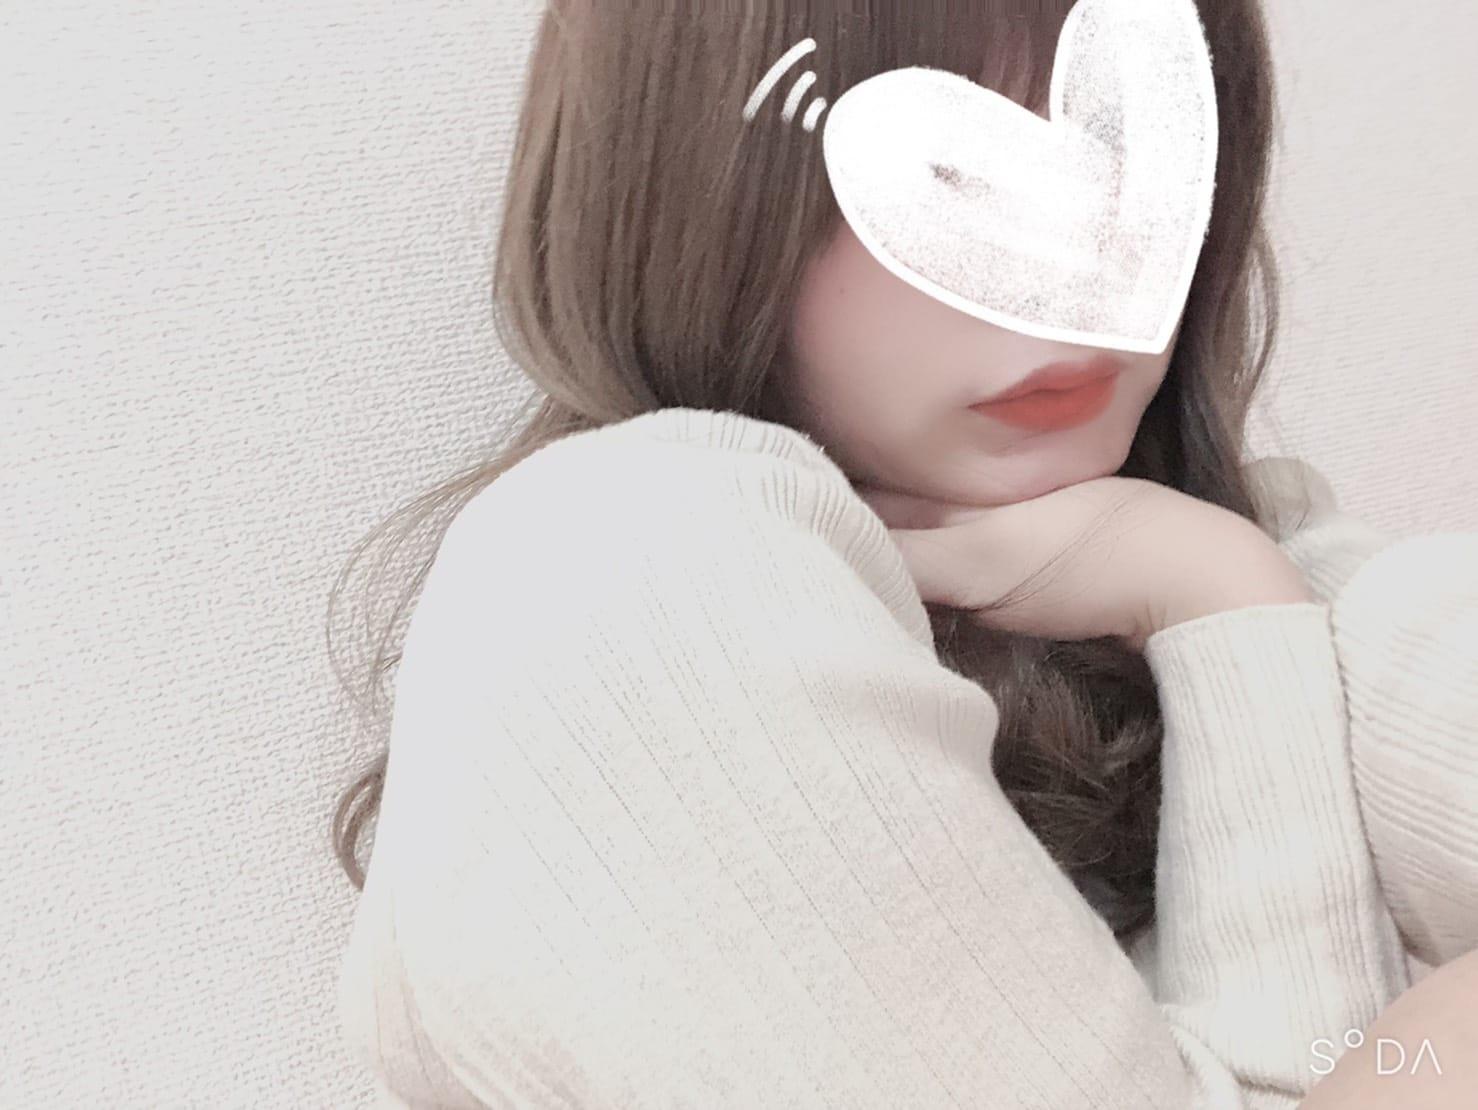 「今週の出勤予定♪」03/23(火) 17:48 | moka(もか)の写メ日記